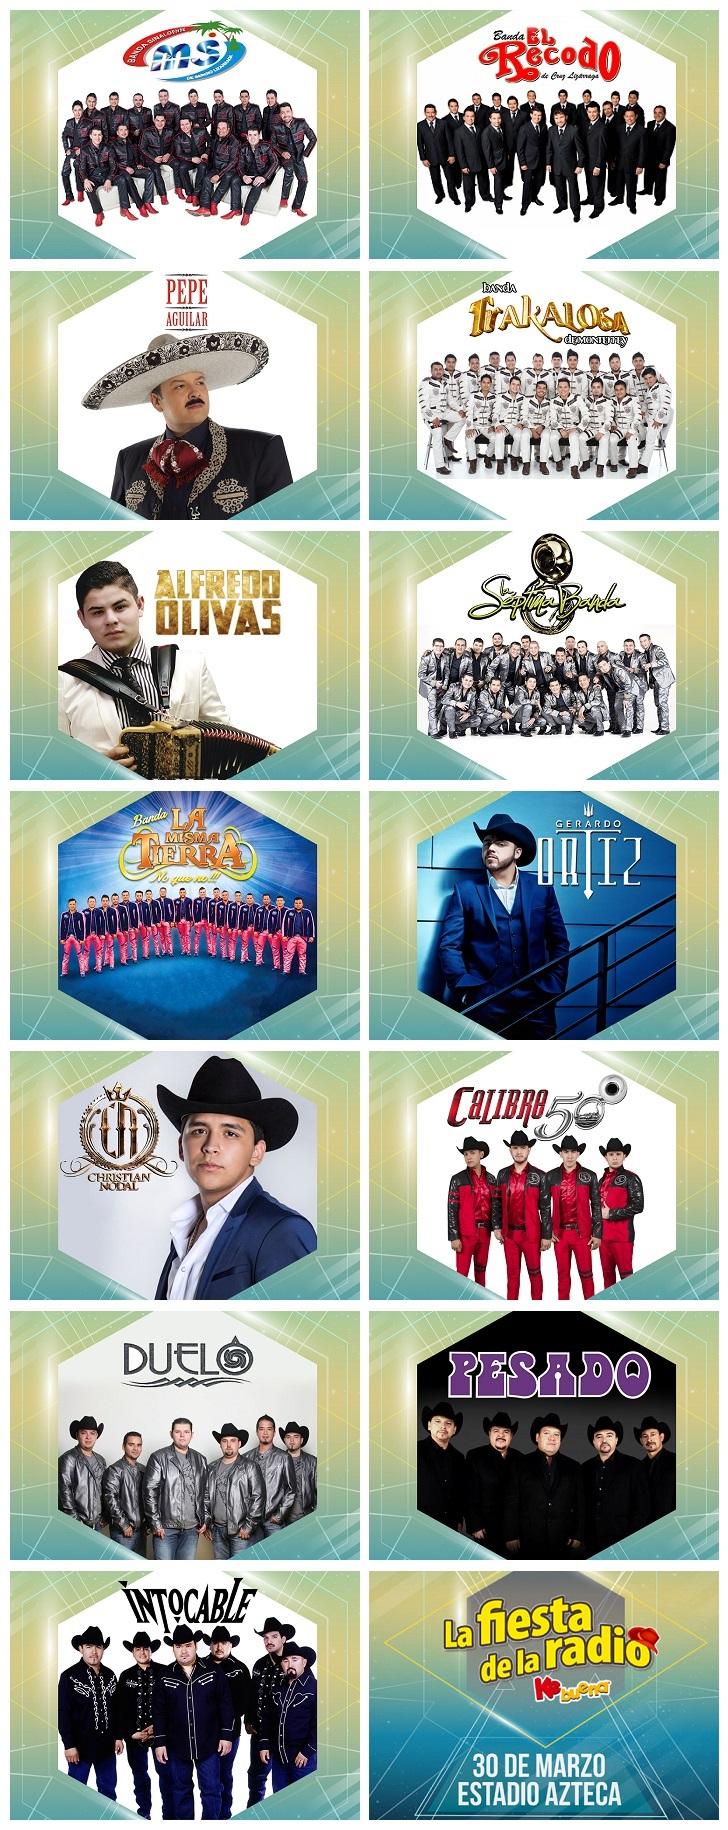 Artistas de la Fiesta de la Radio 2017